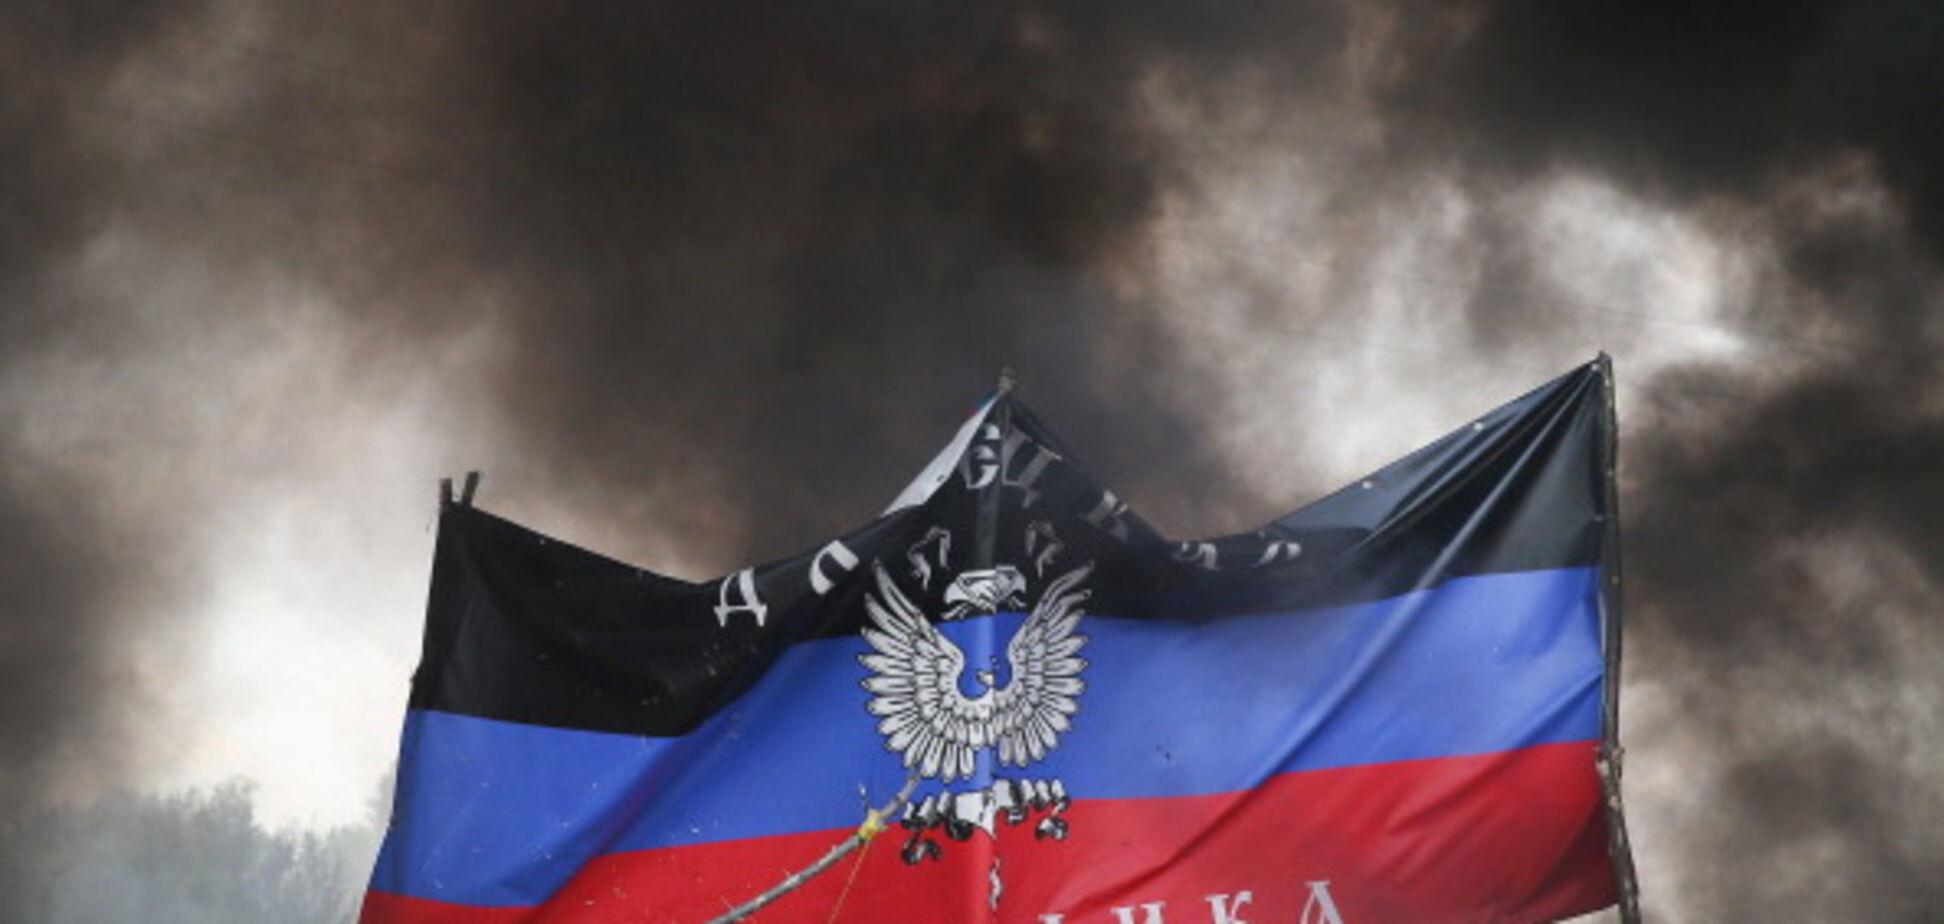 Один за ВСУ, другой – за 'ДНР': в сети рассказали о воюющих на Донбассе отце и сыне